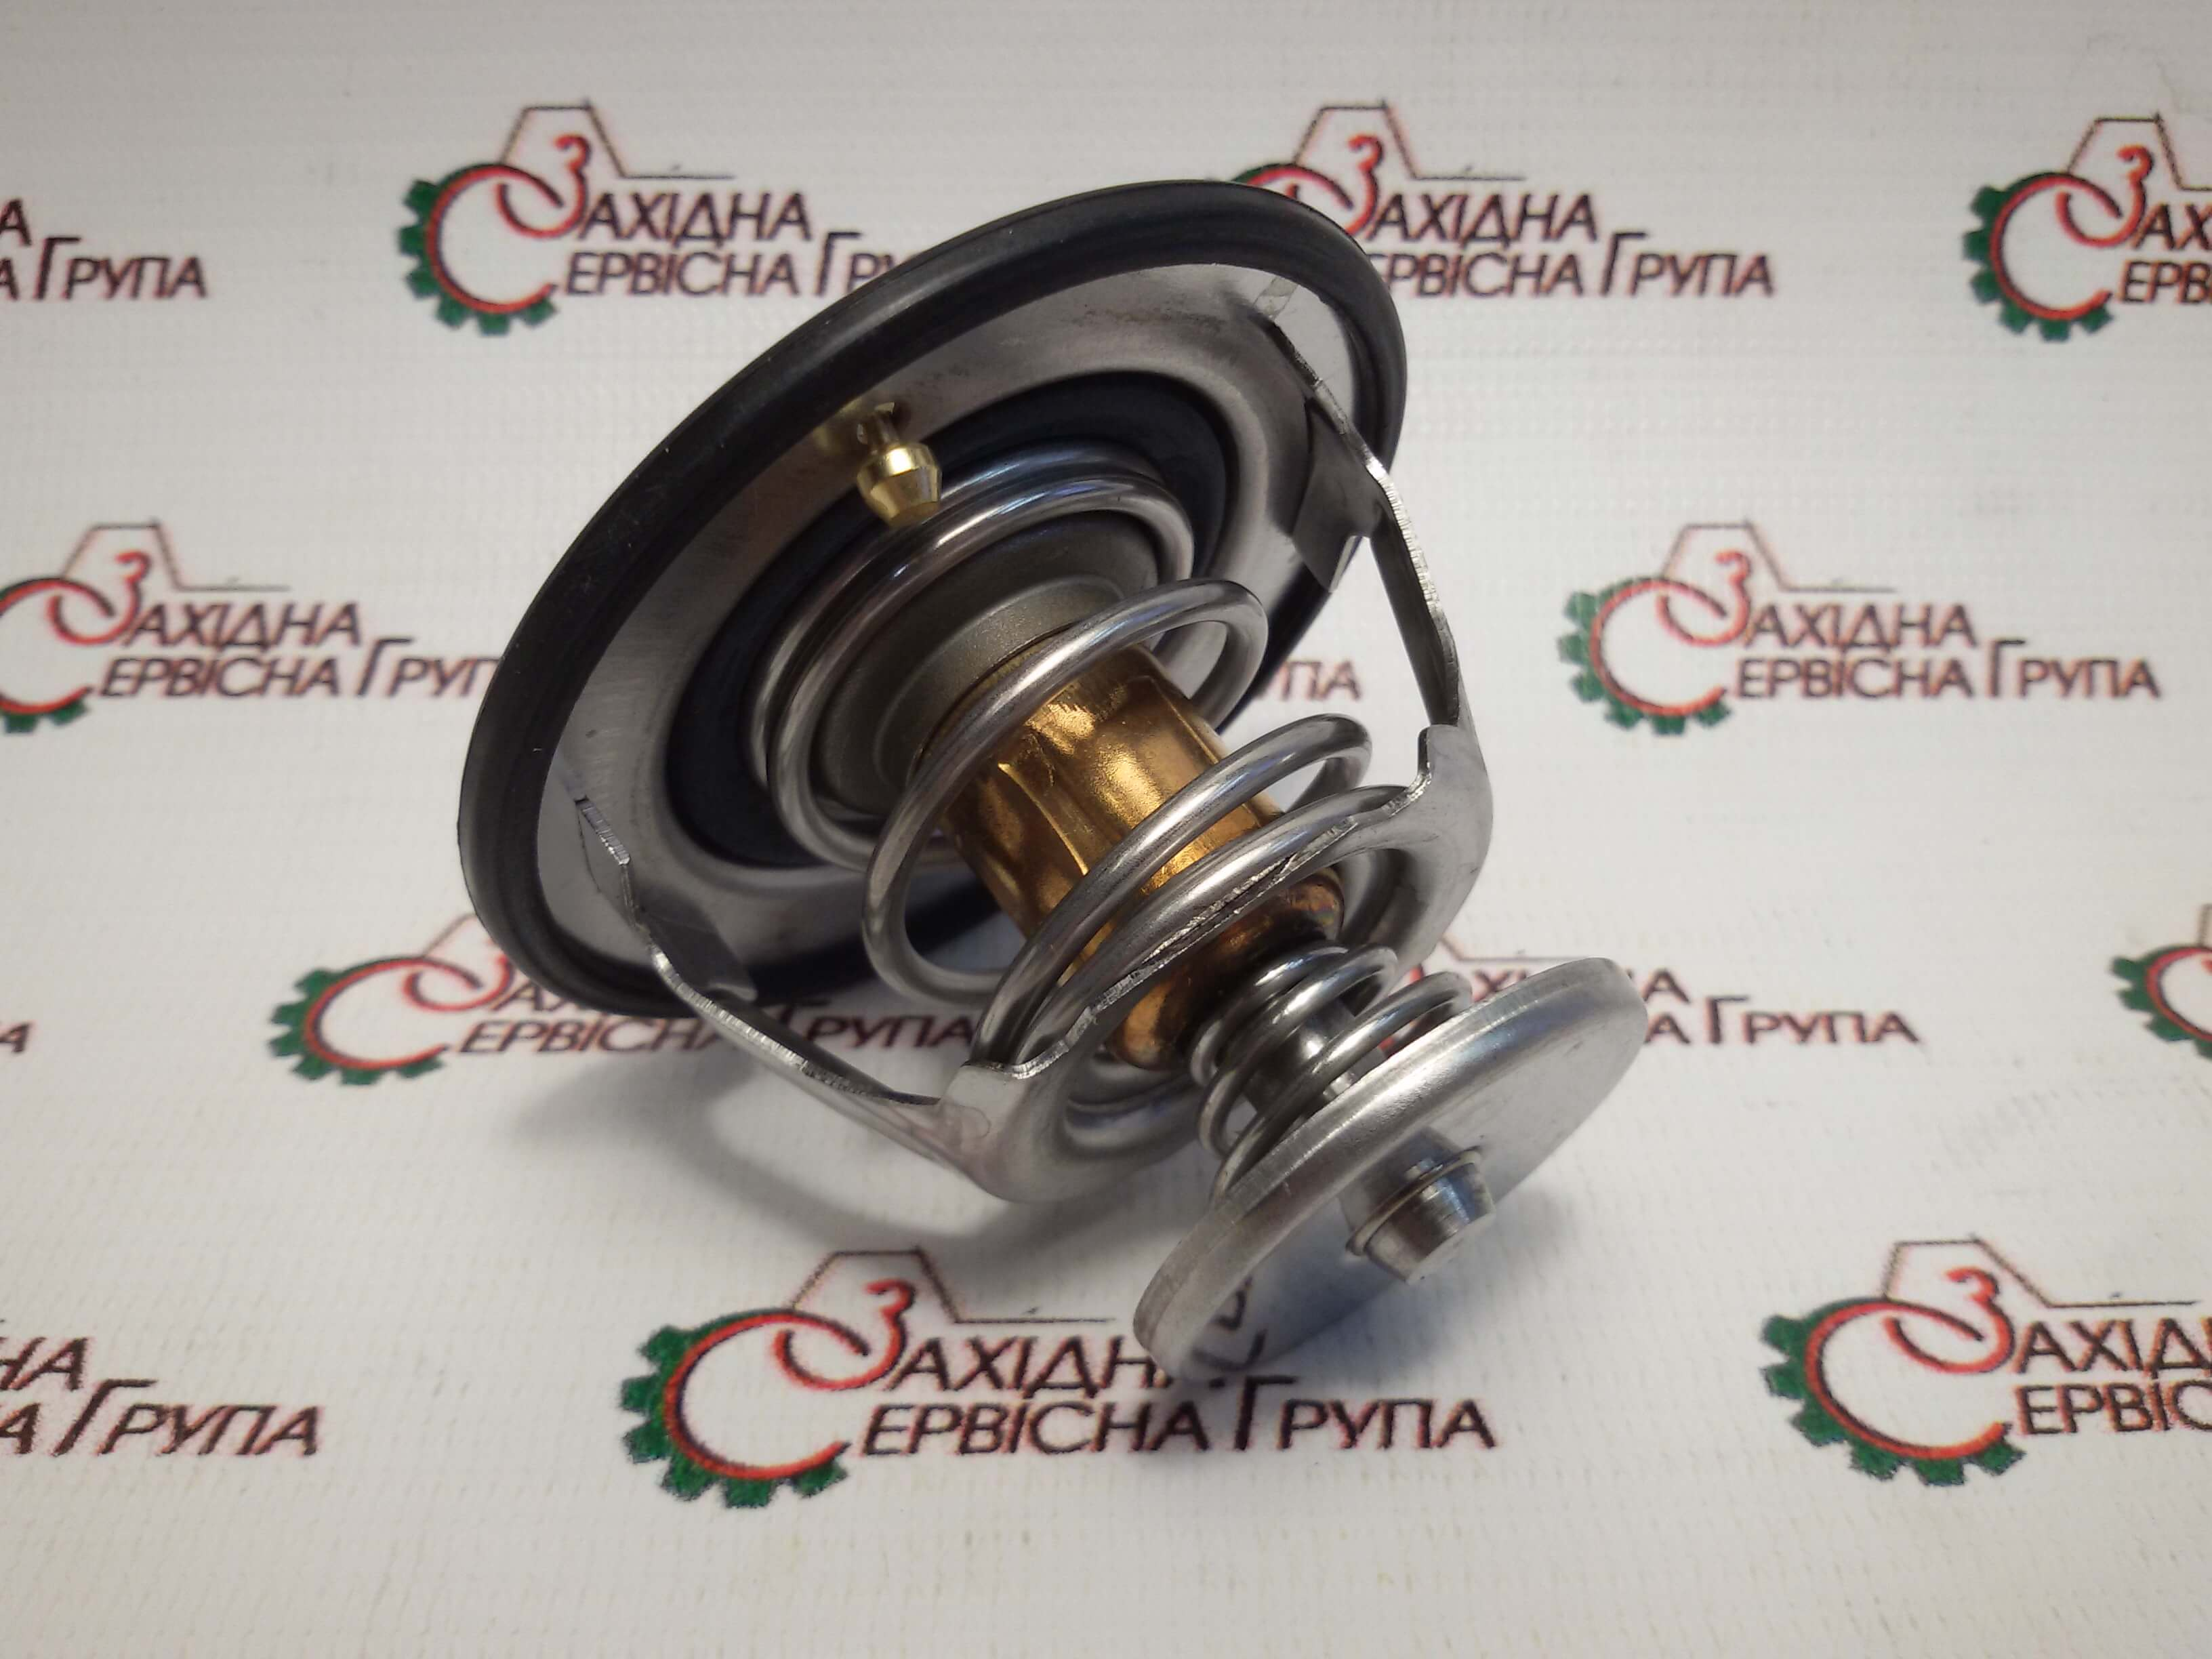 Термостат двигателя Cummins ISF 2.8, 5257076, 5337967, 4983736.